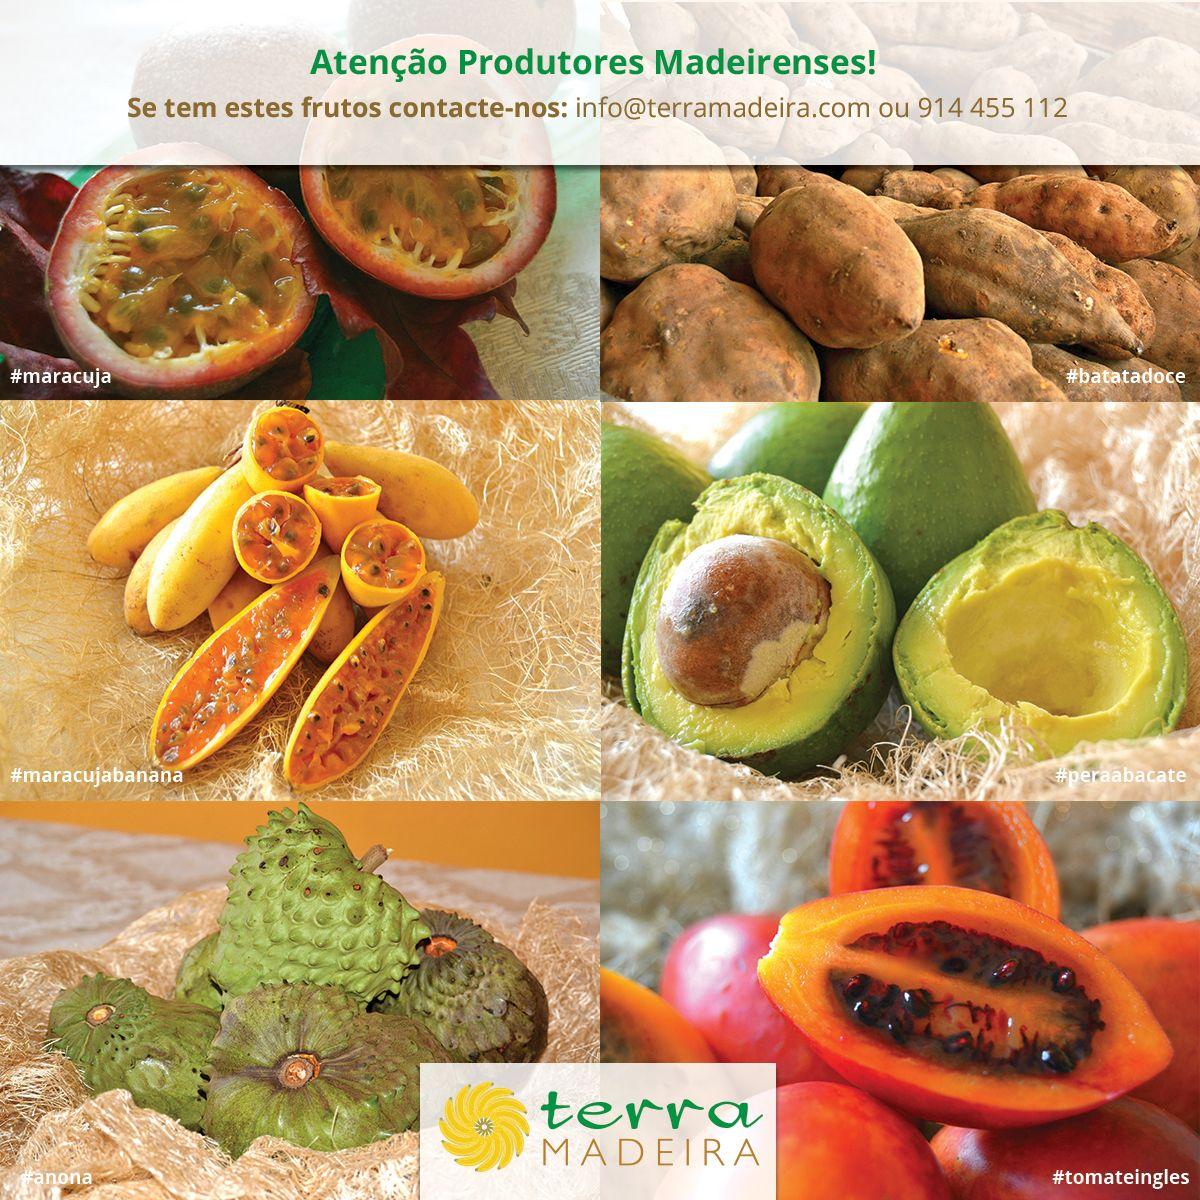 Atenção Produtores Madeirenses! Se tem estes frutos contacte-nos: info@terramadeira.com ou 914 455 112 #maracuja #batatadoce #maracujabanana #peraabacate #anona #tomateingles